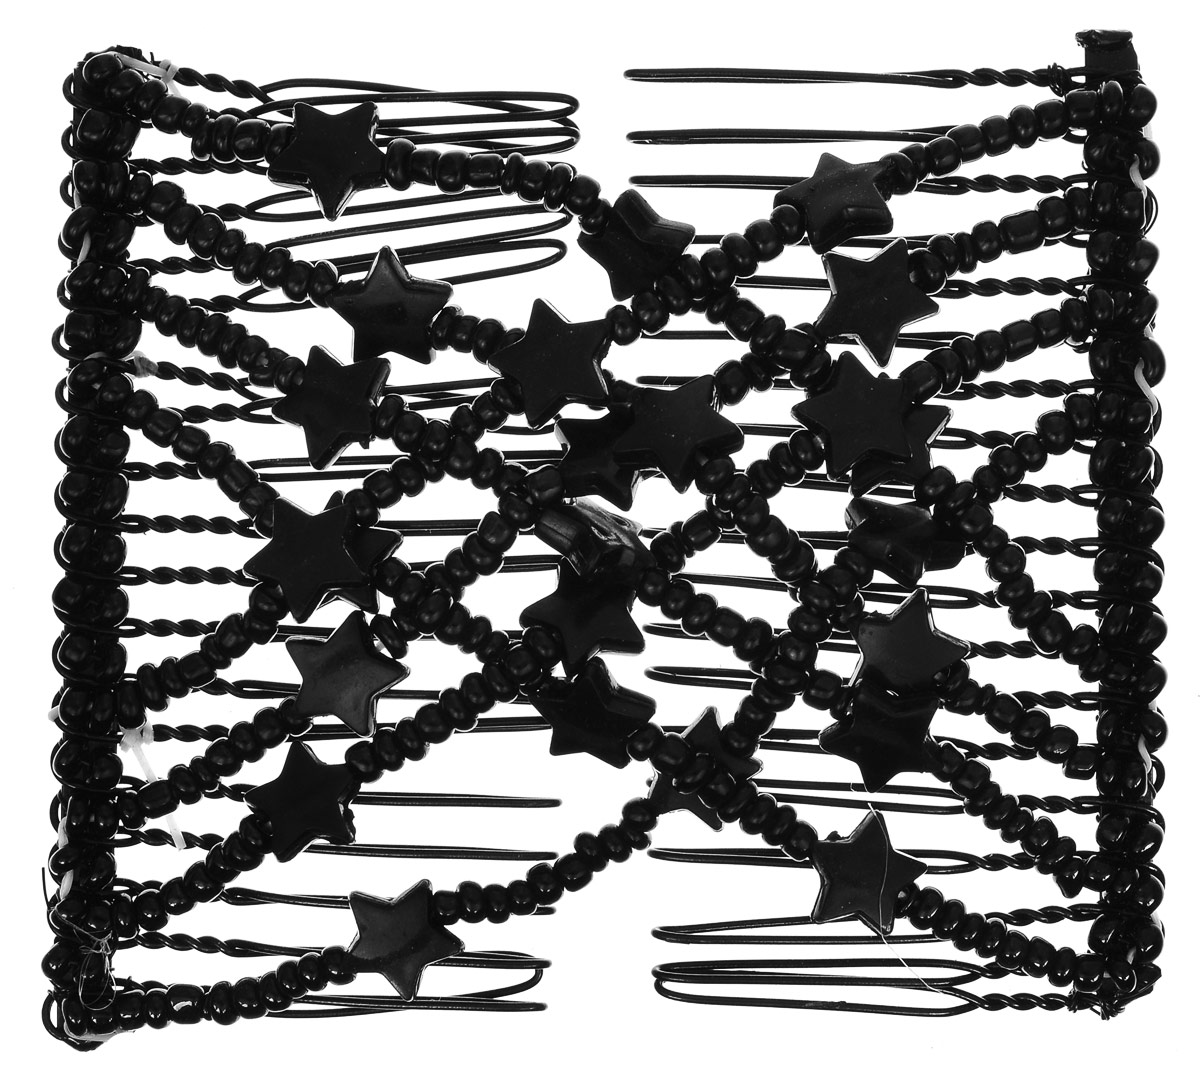 EZ-Combs Заколка Изи-Комбс, одинарная, цвет: черный. ЗИО_звезды ez combs заколка изи комбс одинарная цвет коричневый зио сердечки